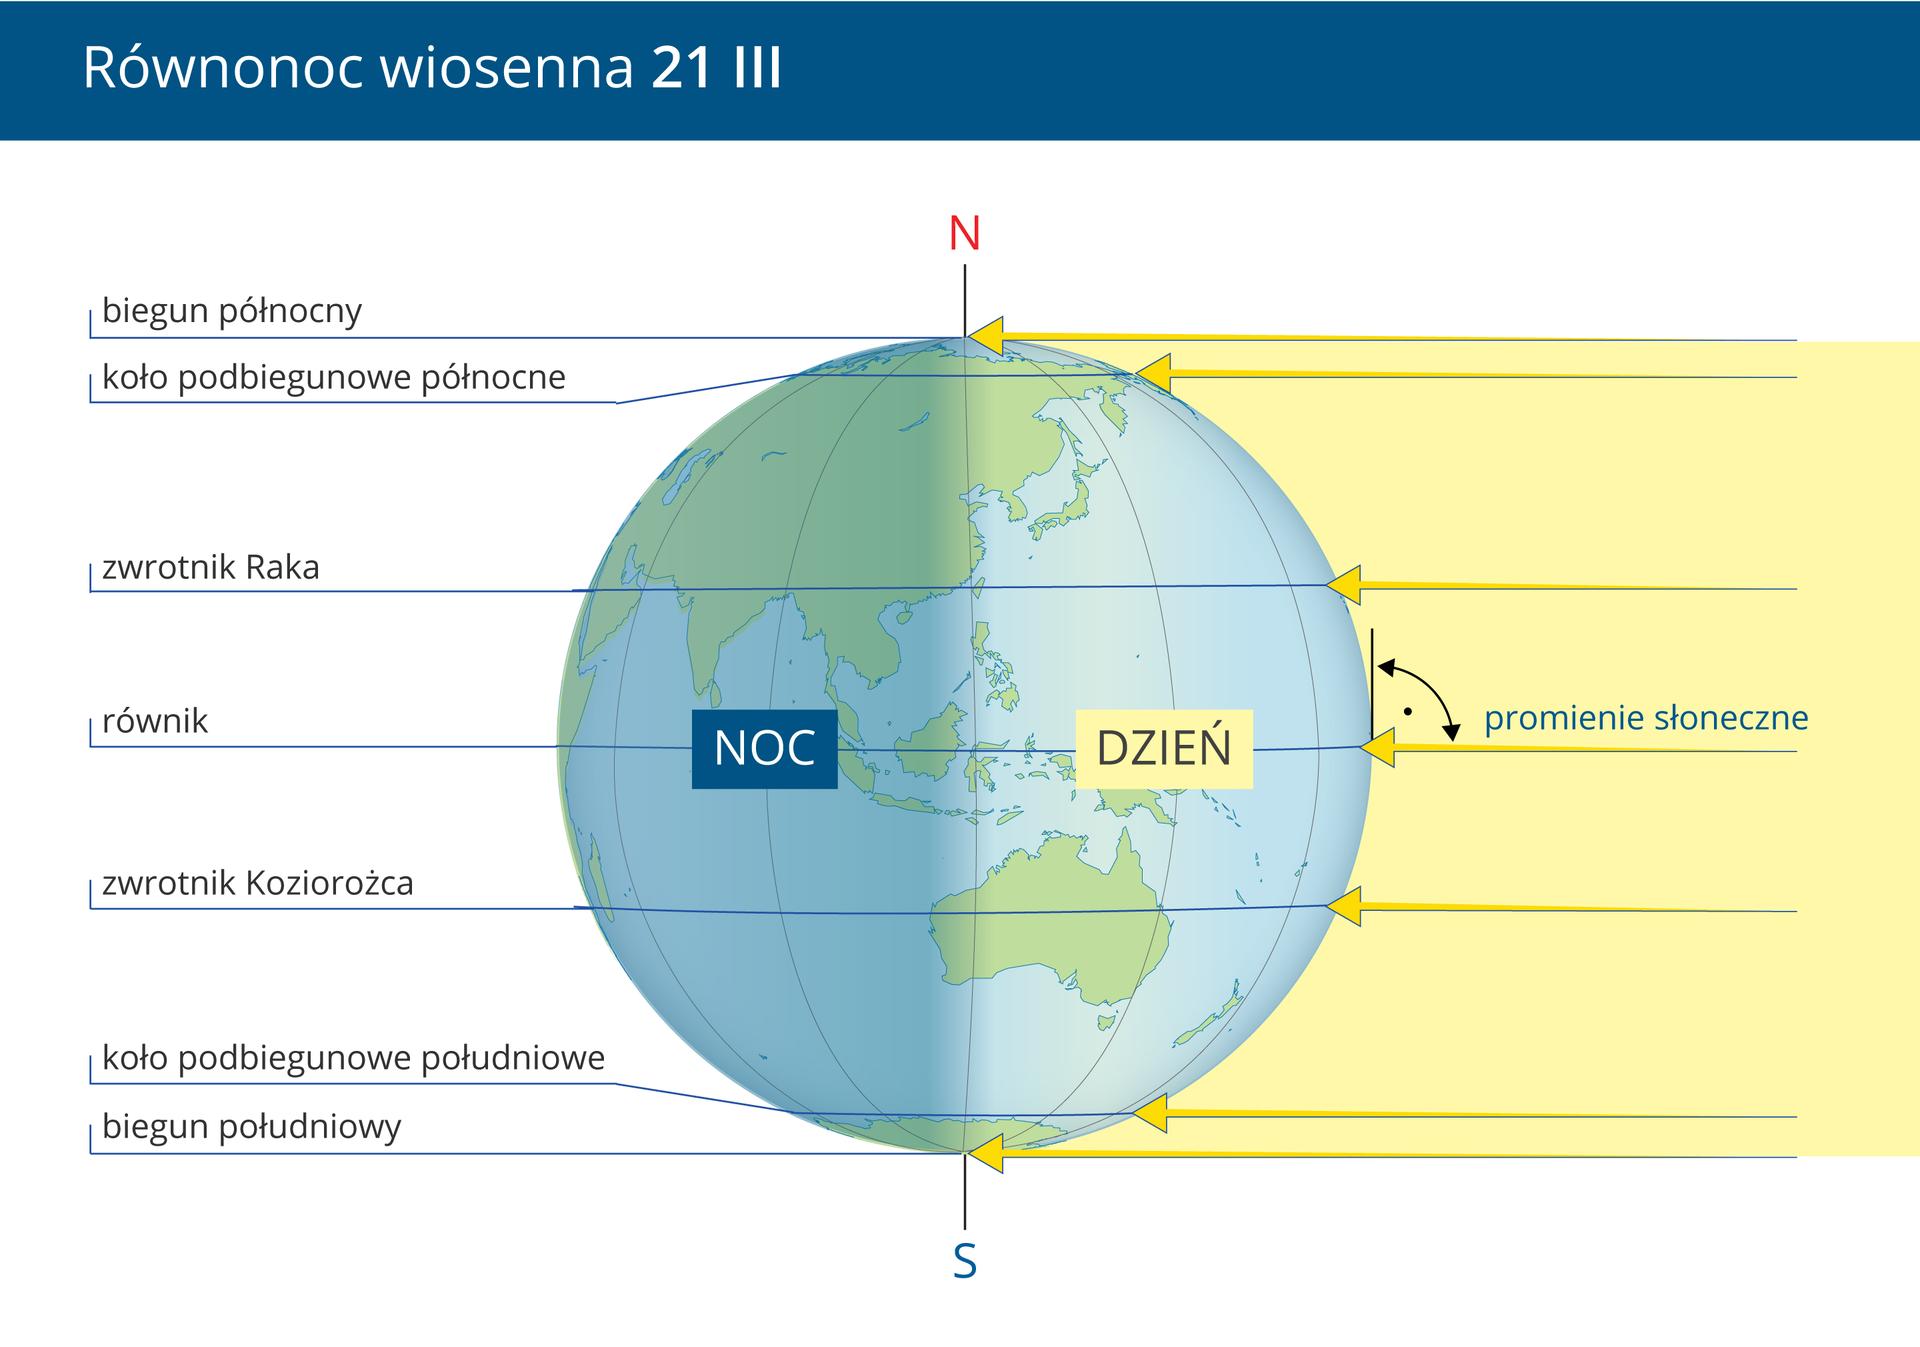 Galeria czterech slajdów prezentuje oświetlenie Ziemi pierwszego dnia, każdej pory roku. Na każdym slajdzie opisano kulę Ziemską od północy: biegun północny, koło podbiegunowe, zwrotnik Raka, równik, zwrotnik Koziorożca, koło podbiegunowe południowe, biegun południowy.Pierwsza ilustracja – równonoc wiosenna, 21 marca. Kula Ziemska jest równomiernie oświetlona do połowy zprawej strony - dzień, druga połowa ciemna zlewej strony, to noc. Zaznaczono prosty kąt padania promieni Słonecznych na równiku.